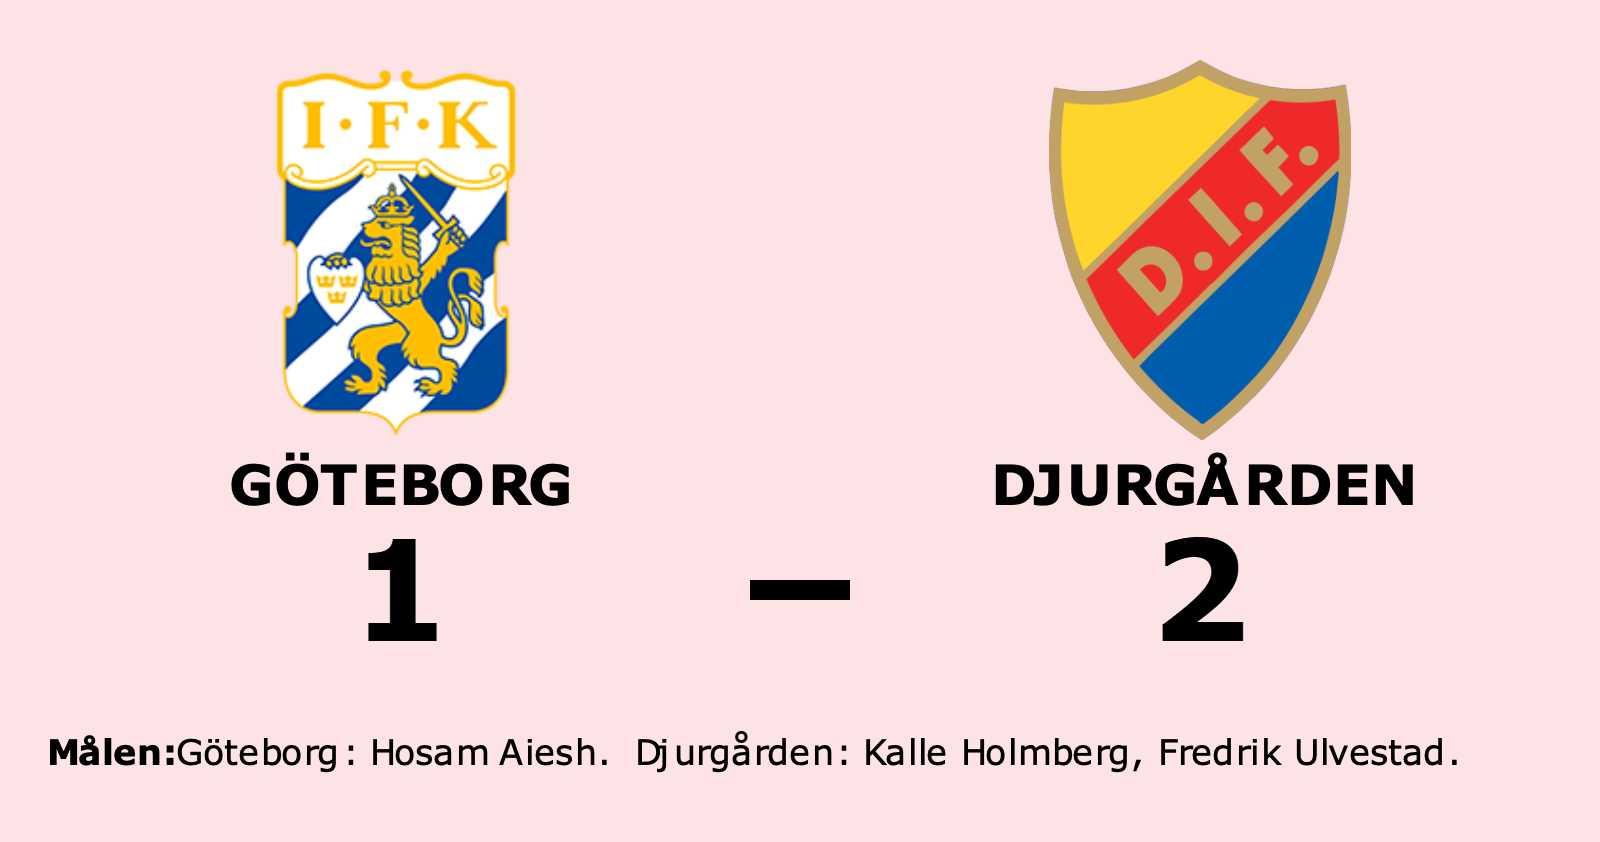 Djurgården vann trots uppryckning av Göteborg